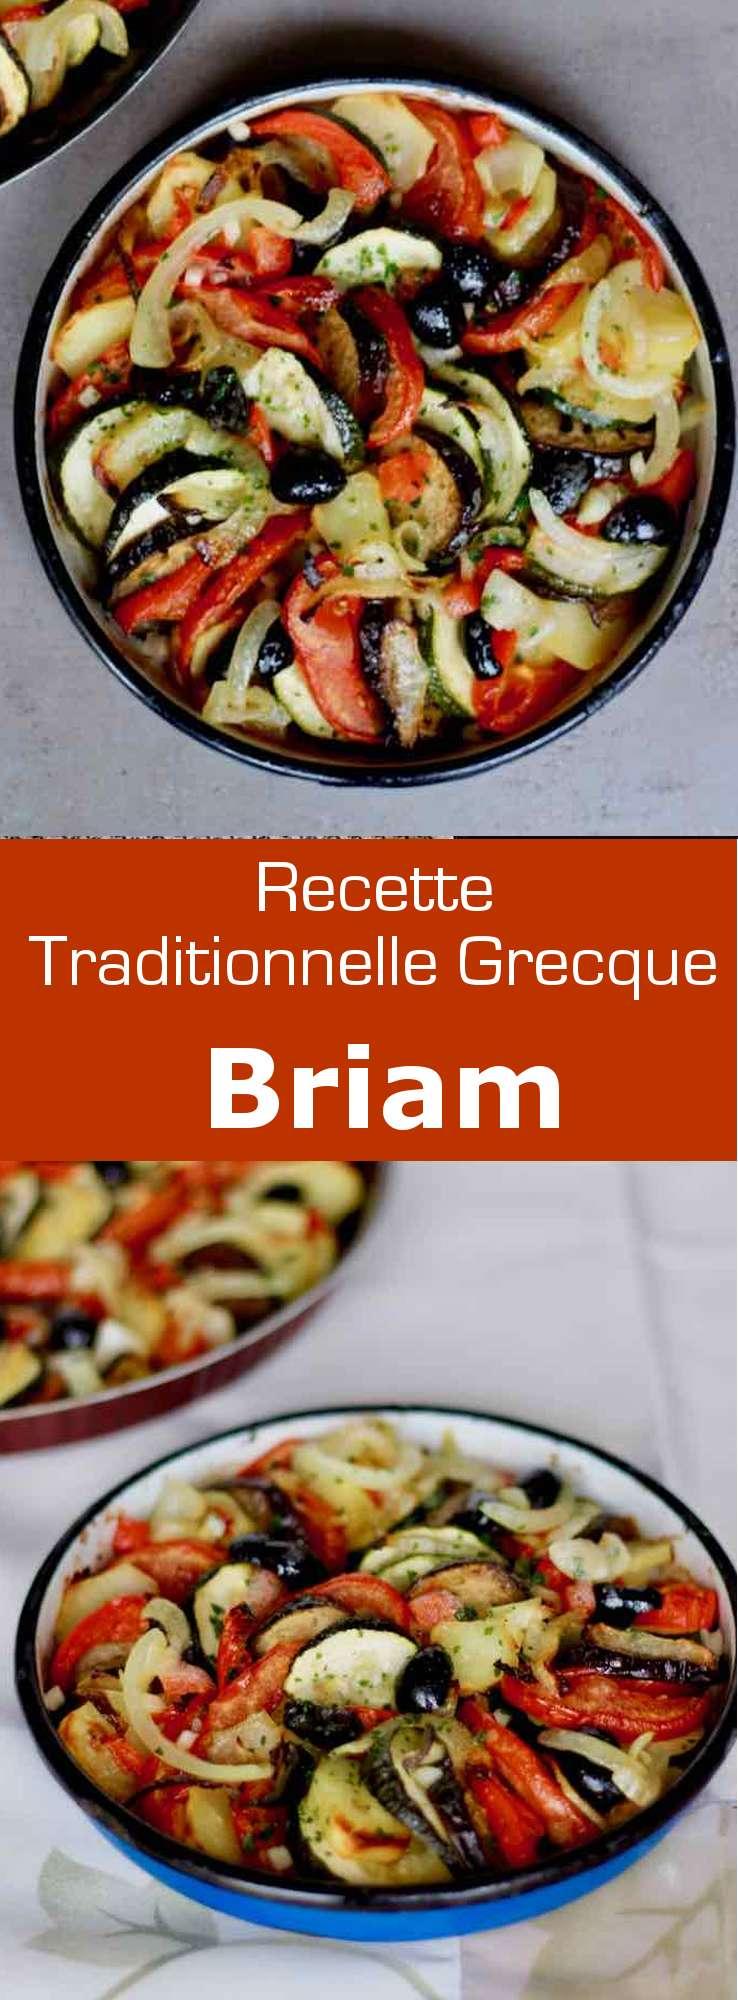 Le briam est un plat traditionnel de la cuisine grecque à base de légumes d'été longuement cuits au four, proche de la ratatouille française. #Grece #RecetteGrecque #CuisineGrecque #CuisineMediterraneenne #CuisineDuMonde #196flavors